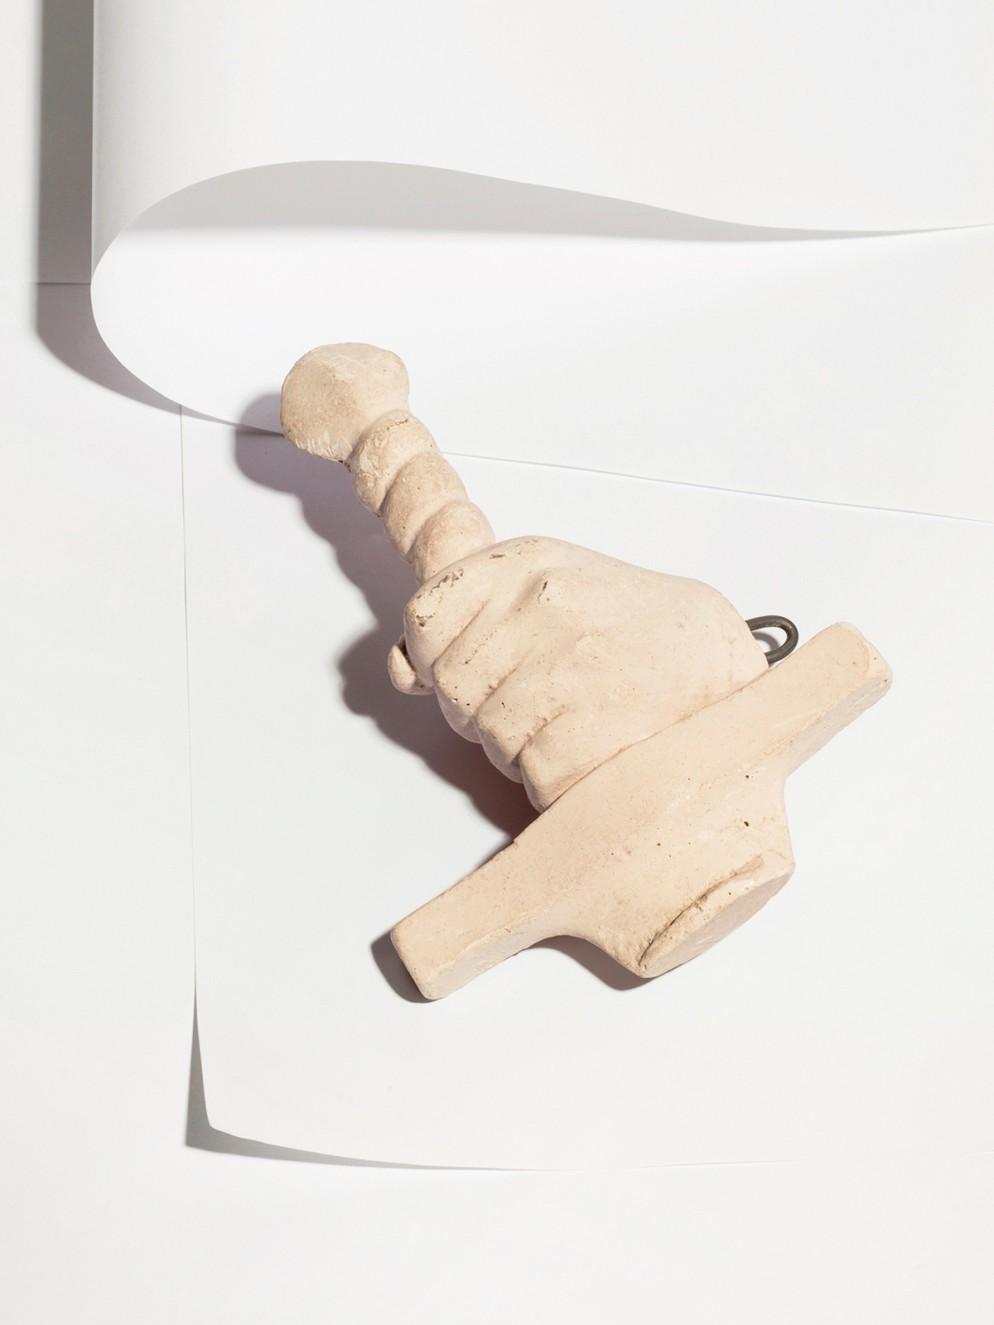 prototipi-pezzi-unici-edizioni-limitate-design-studiopepe-06